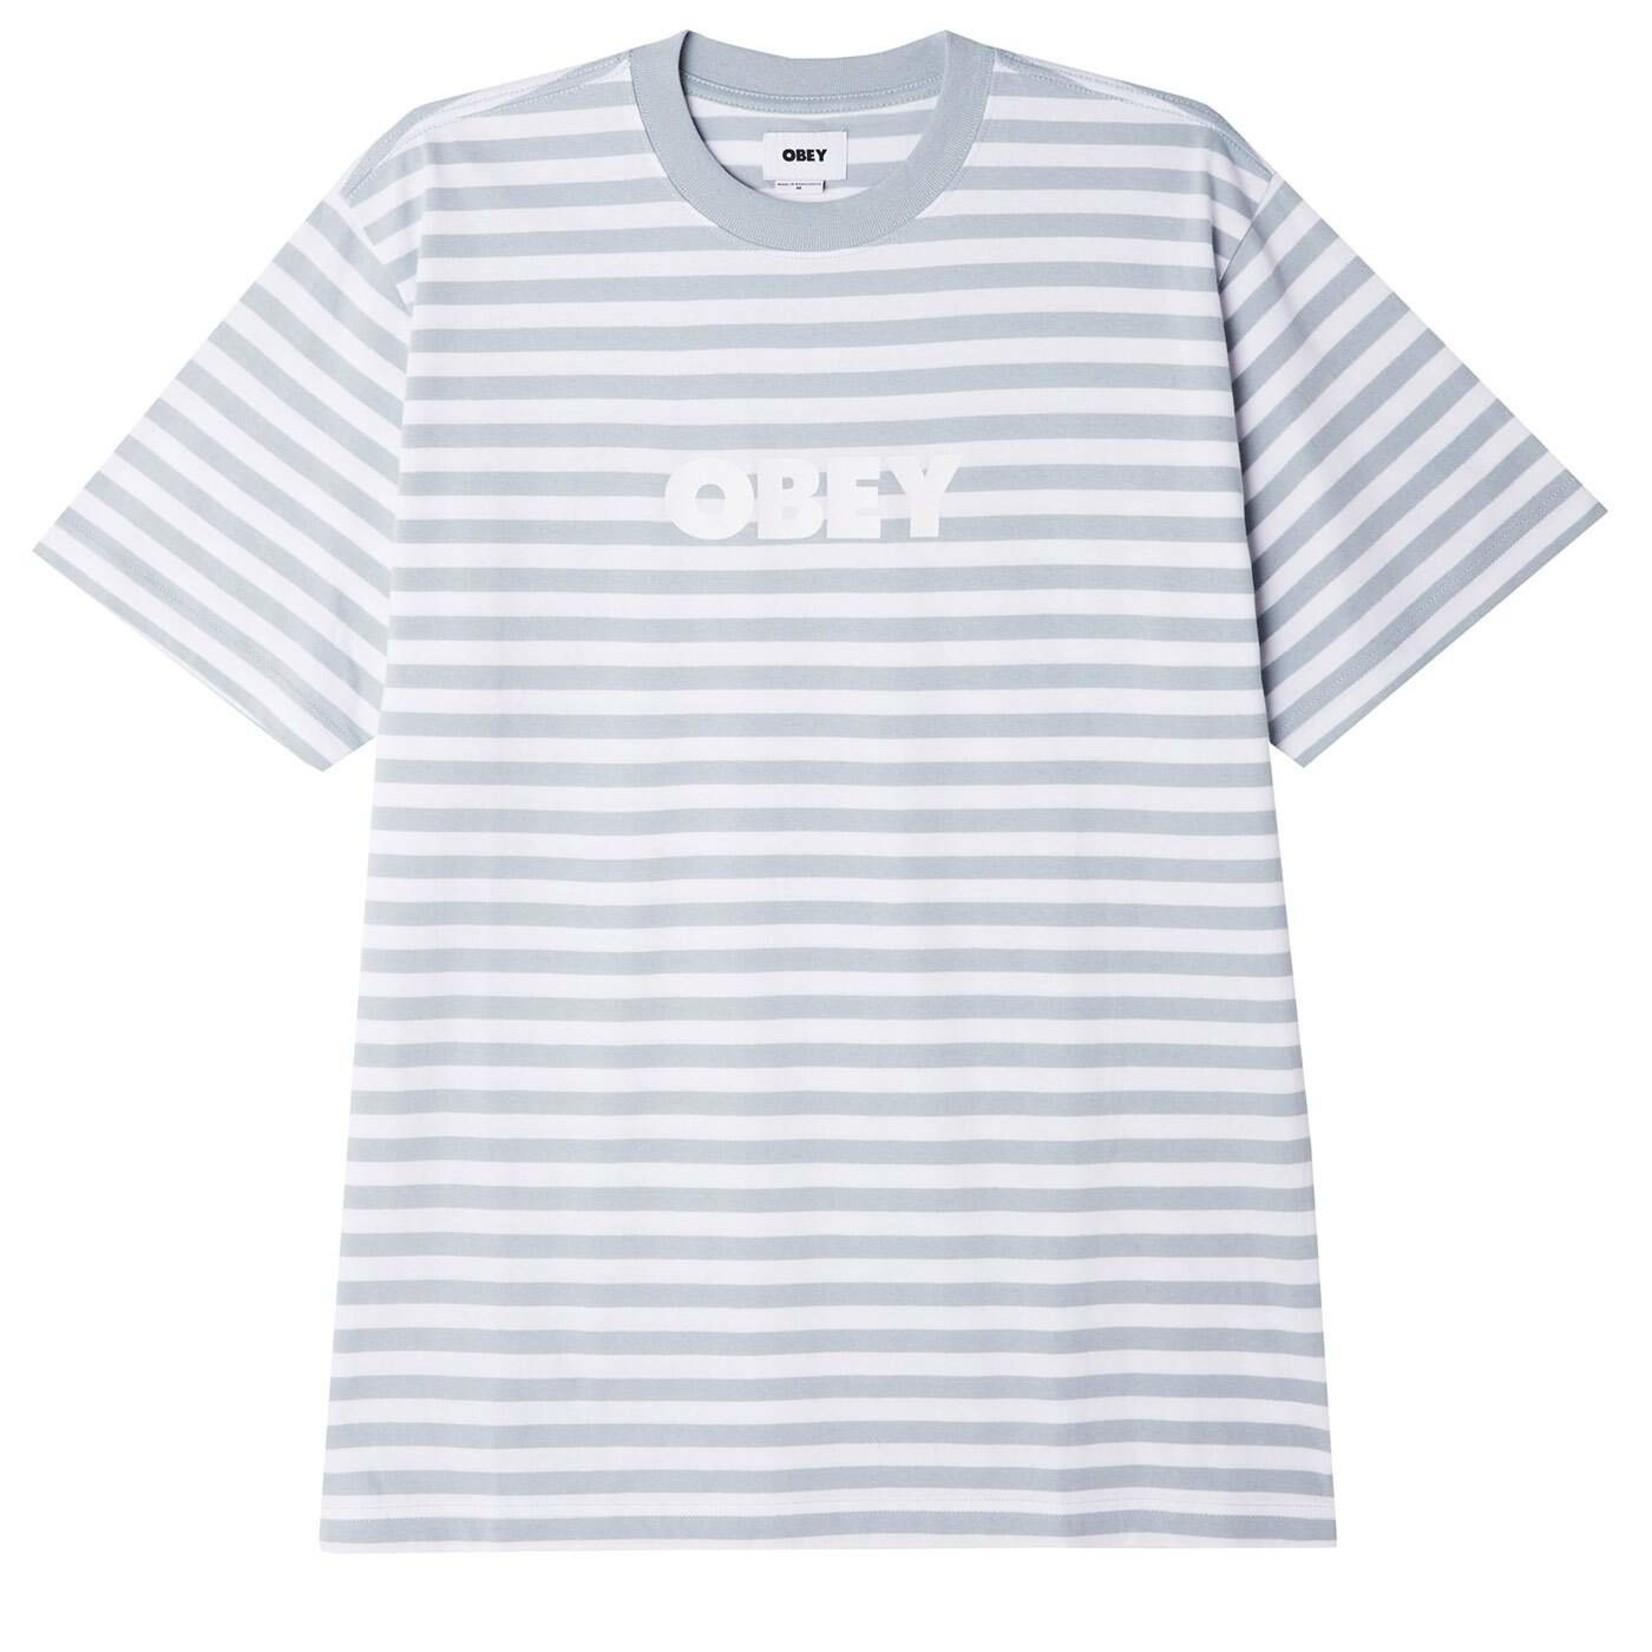 Obey Obey Joy Tee